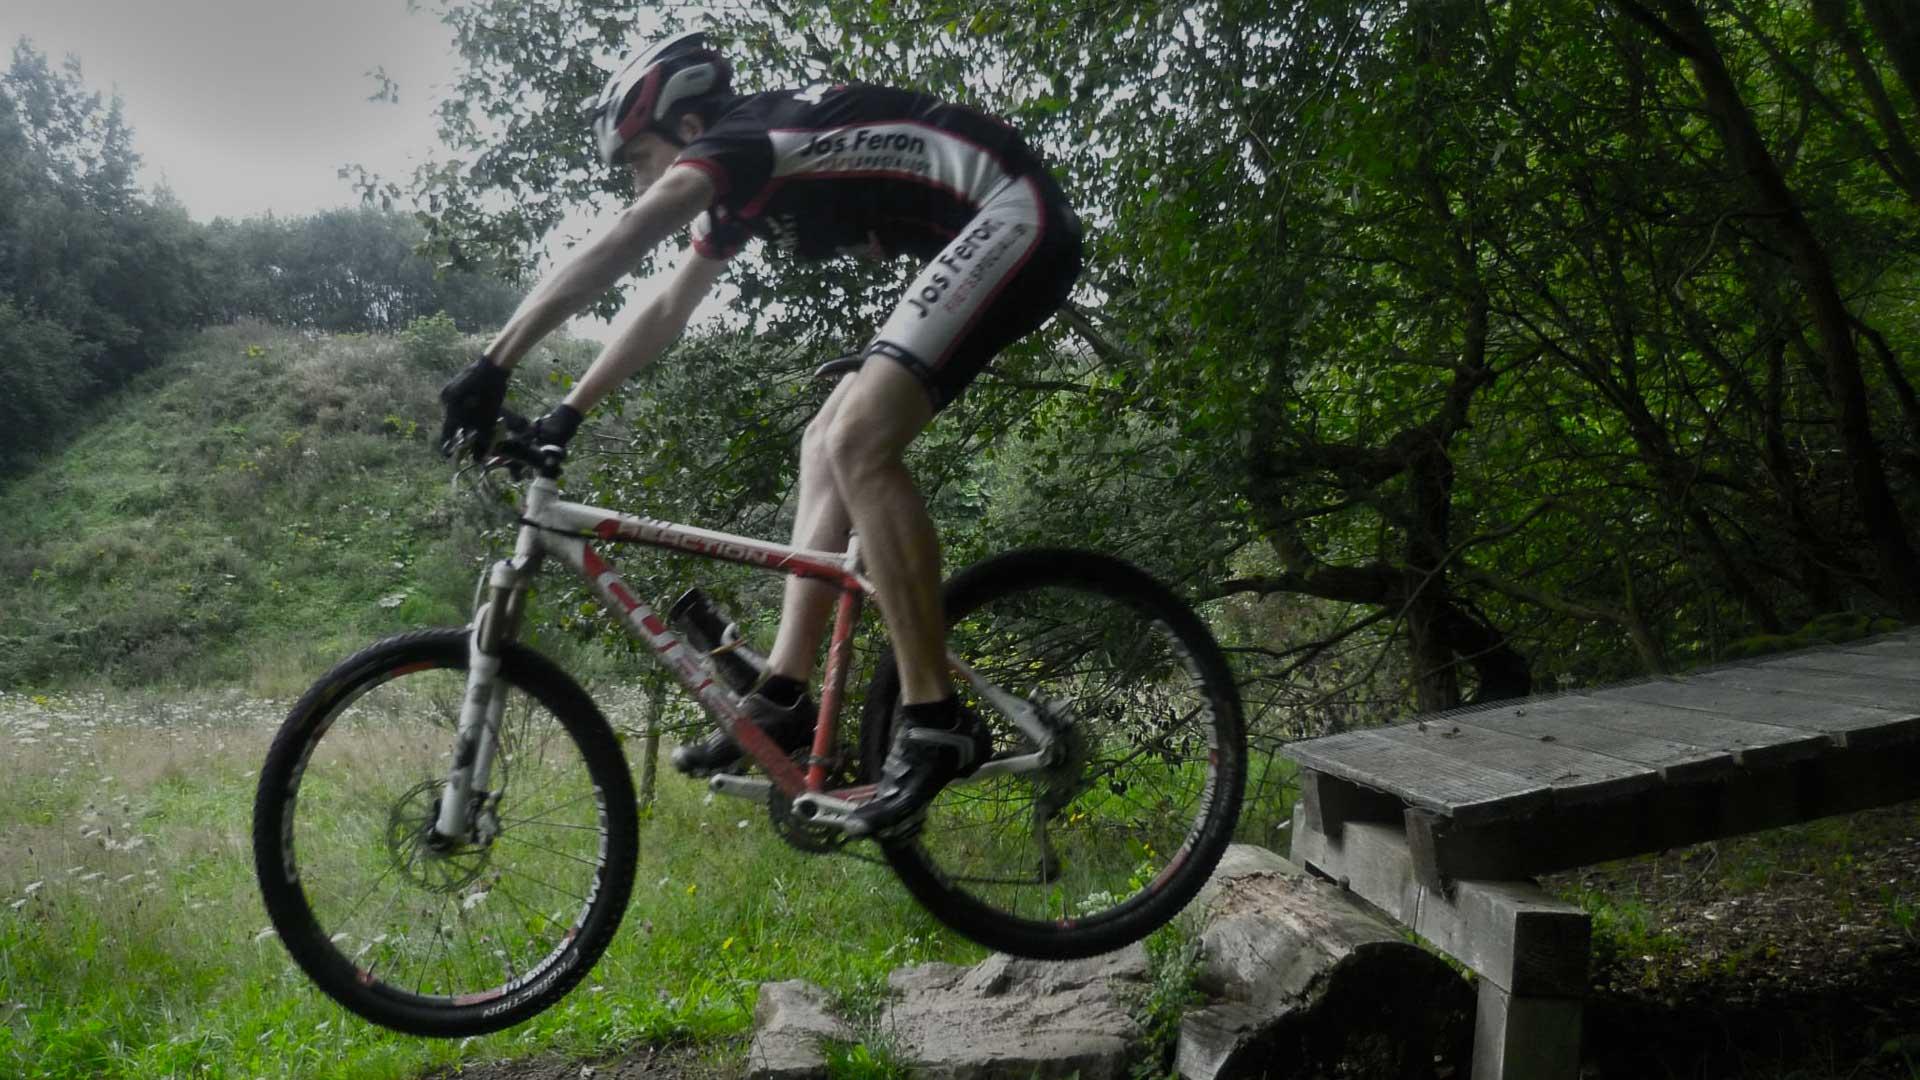 De mooiste mountainbike bikespots: deel 2